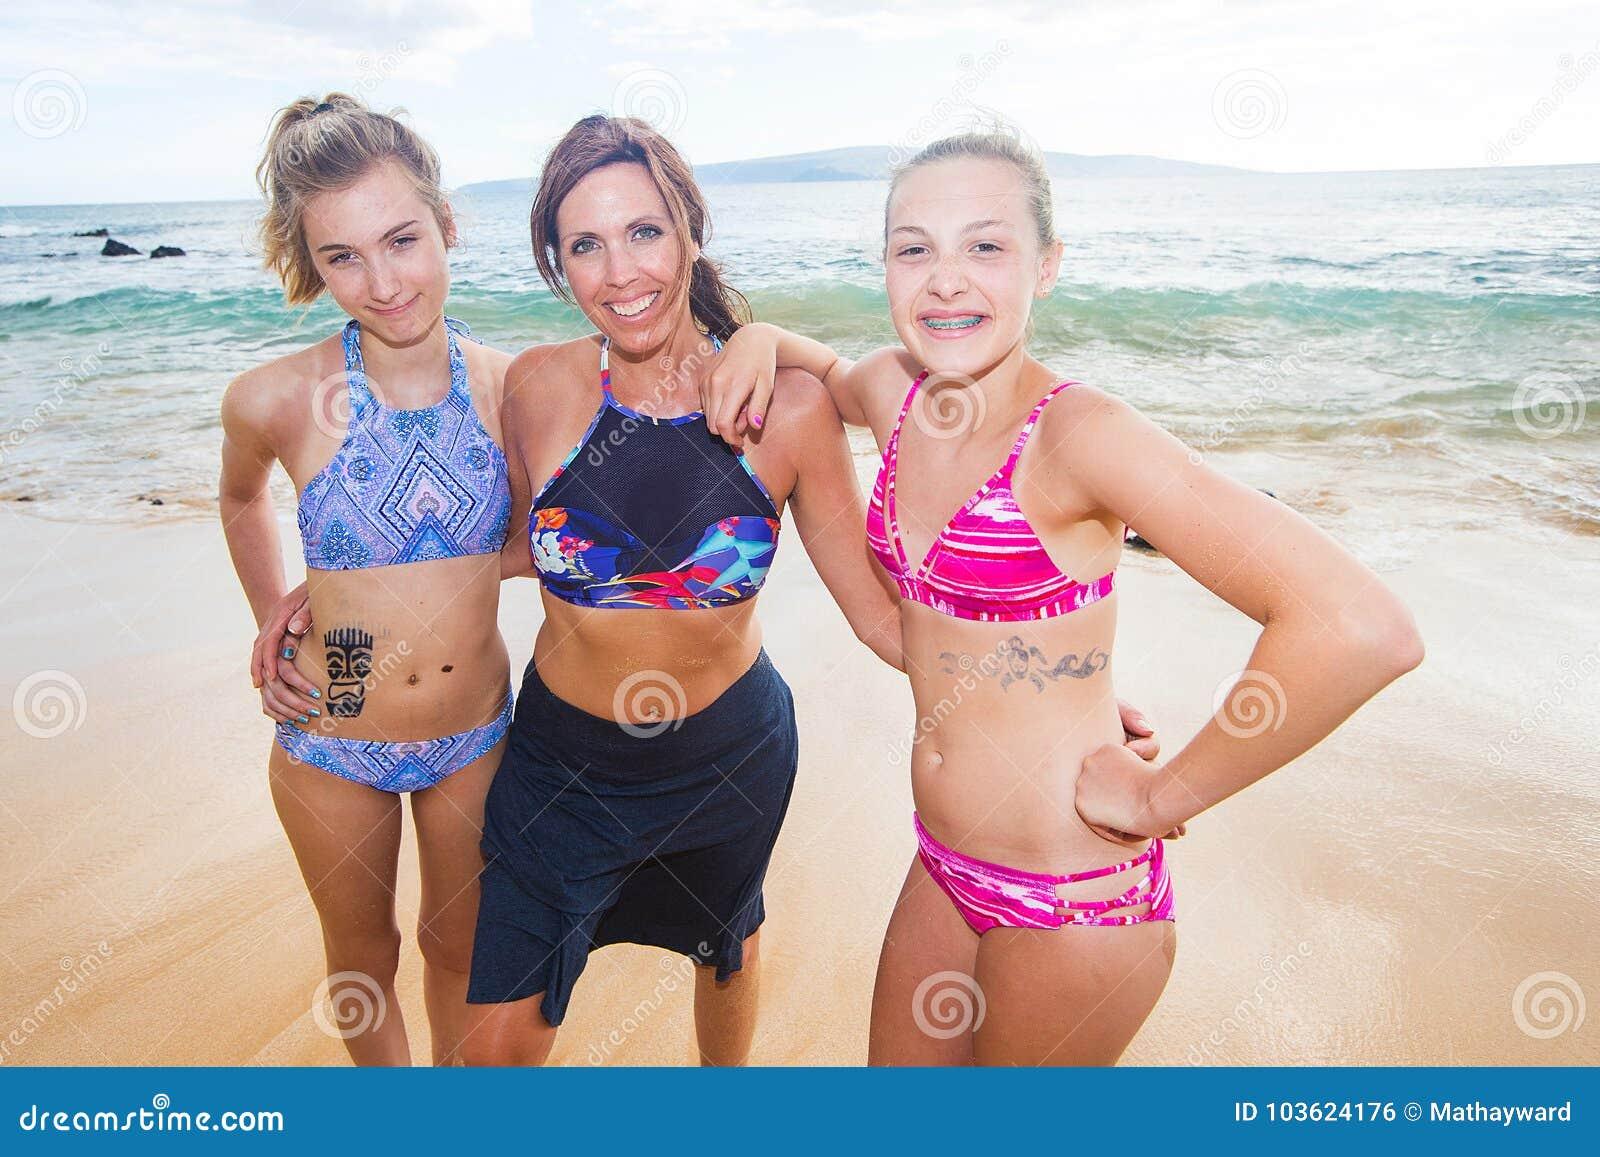 california s asian dream girl s swimsuit calendar